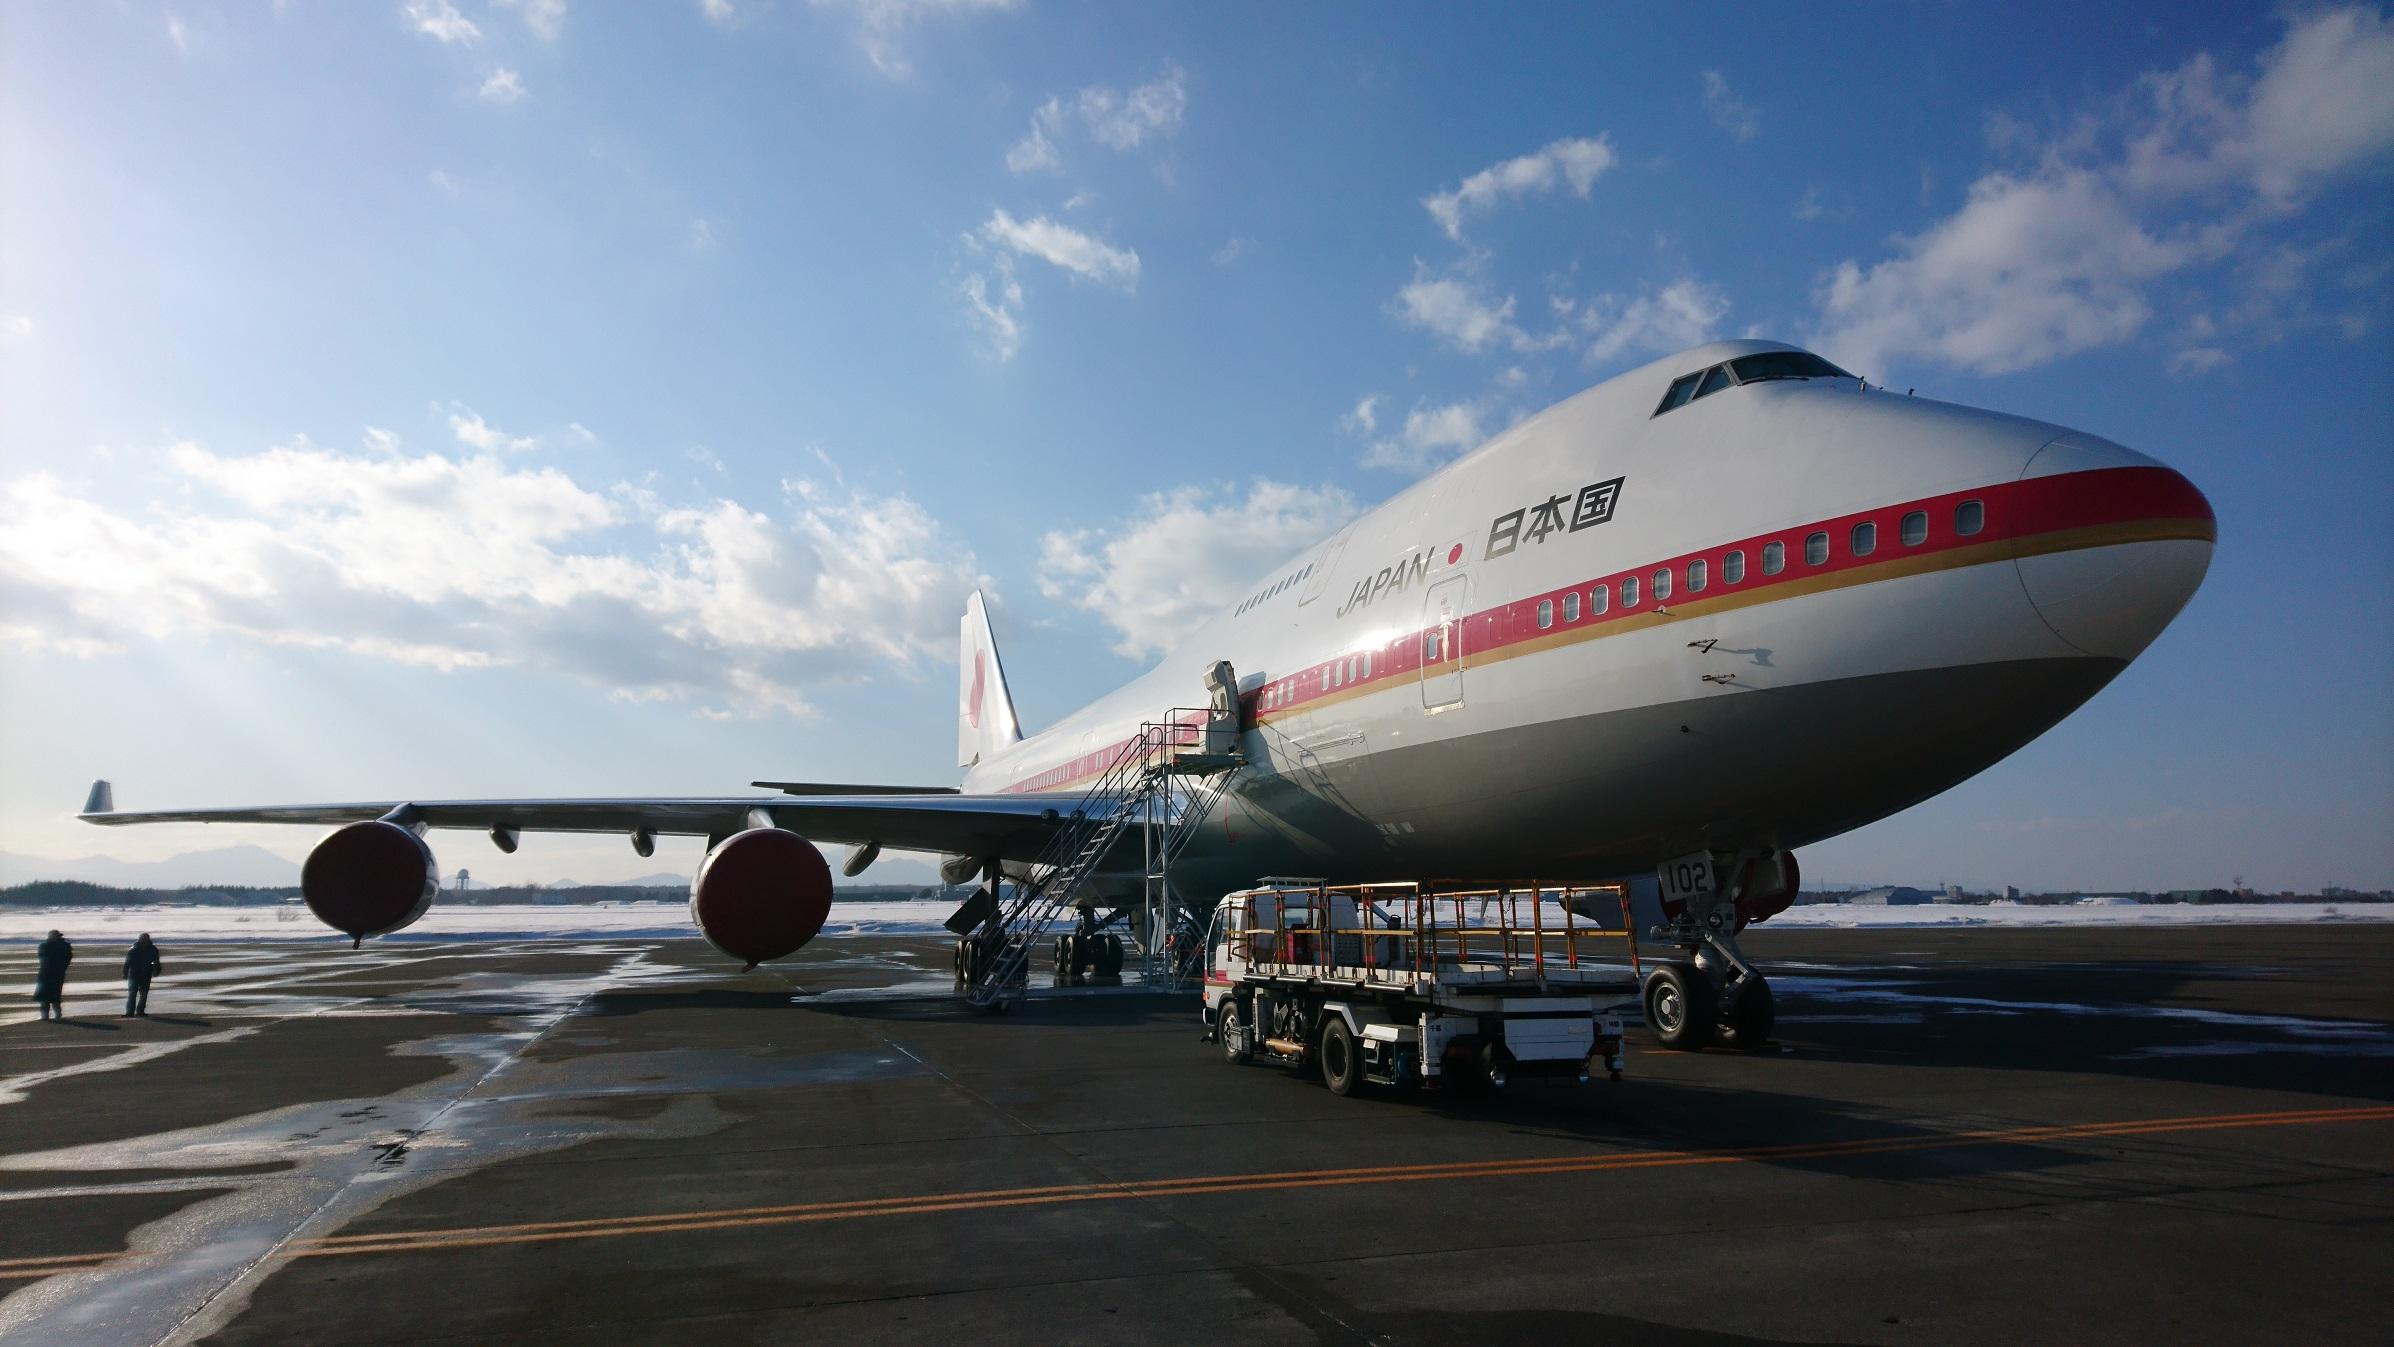 日本国政府専用機「ボーイング 747-400」を落札し、新規事業の開拓へ